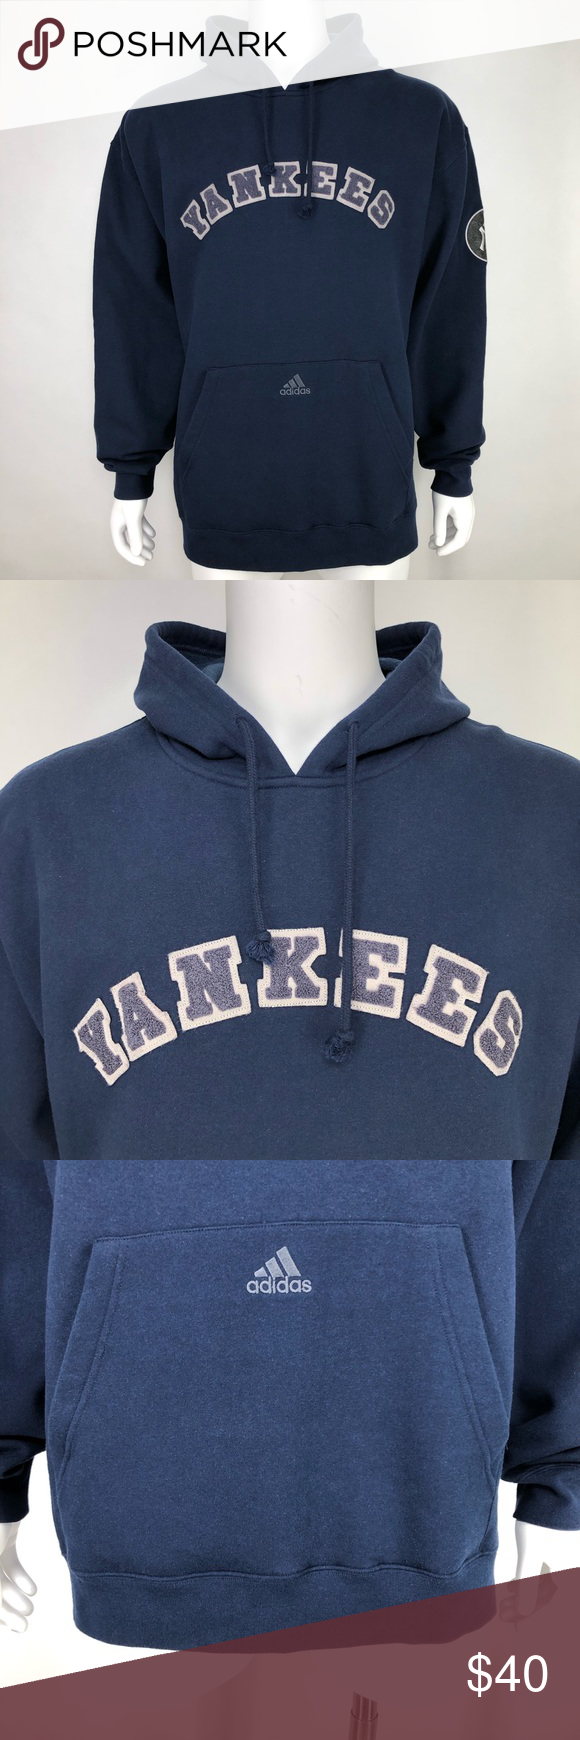 Adidas L New York Yankees Hoodie Sweatshirt Blue Sweatshirts Hoodie Sweatshirts Sweatshirt Shirt [ 1740 x 580 Pixel ]